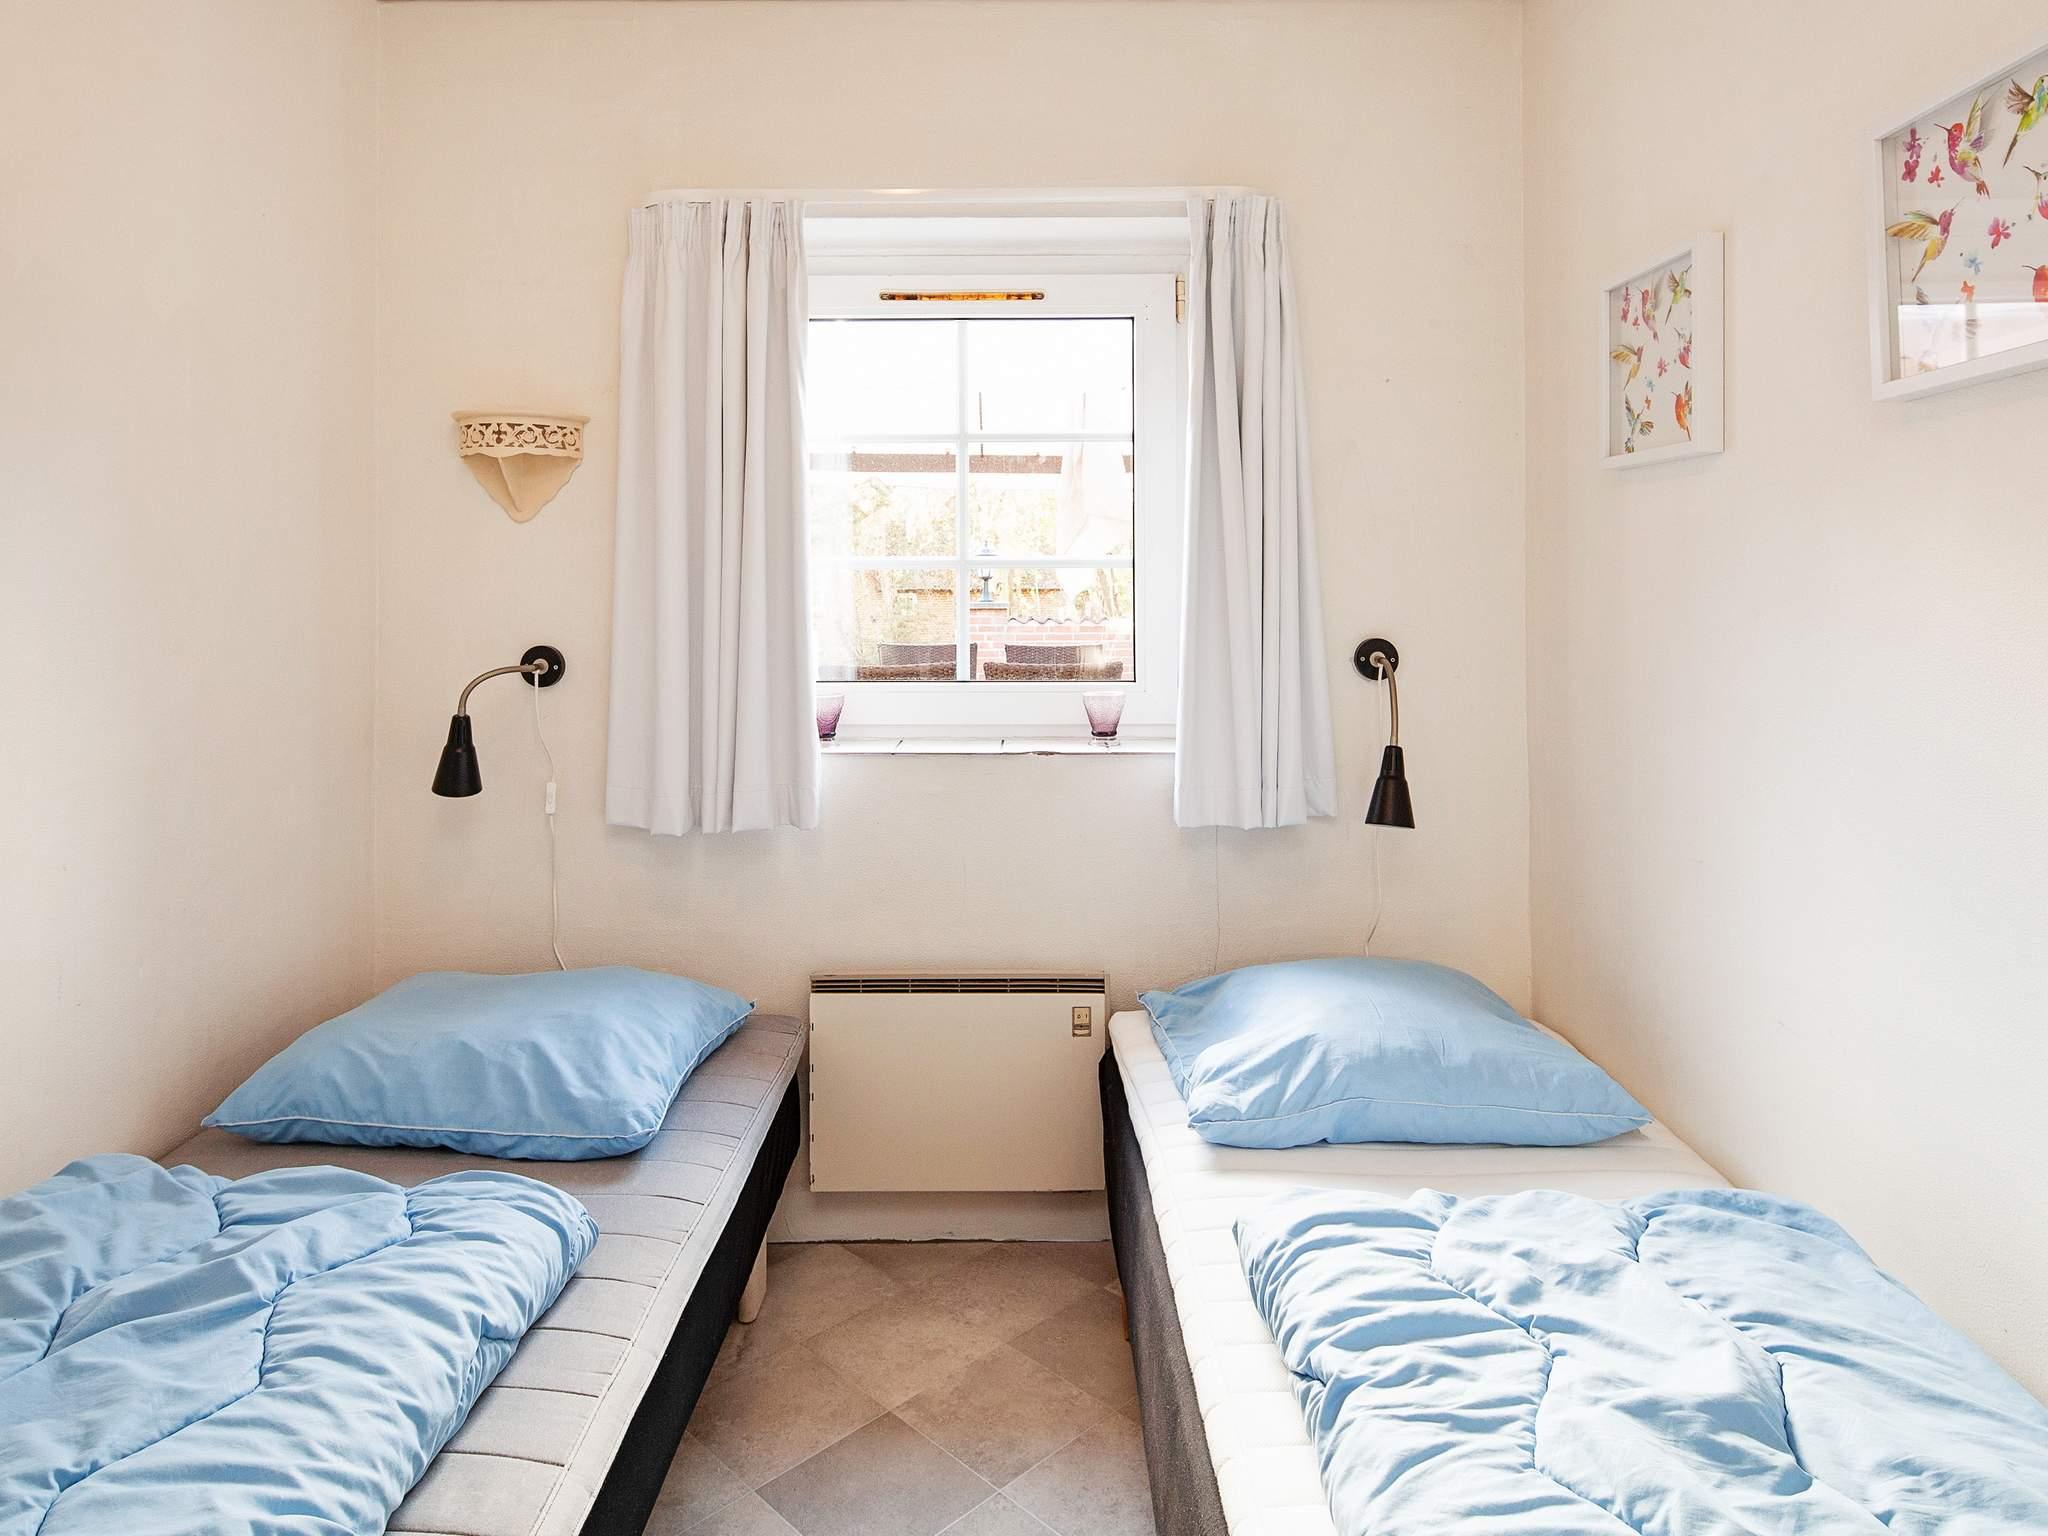 Ferienhaus Marielyst (83201), Marielyst, , Falster, Dänemark, Bild 10